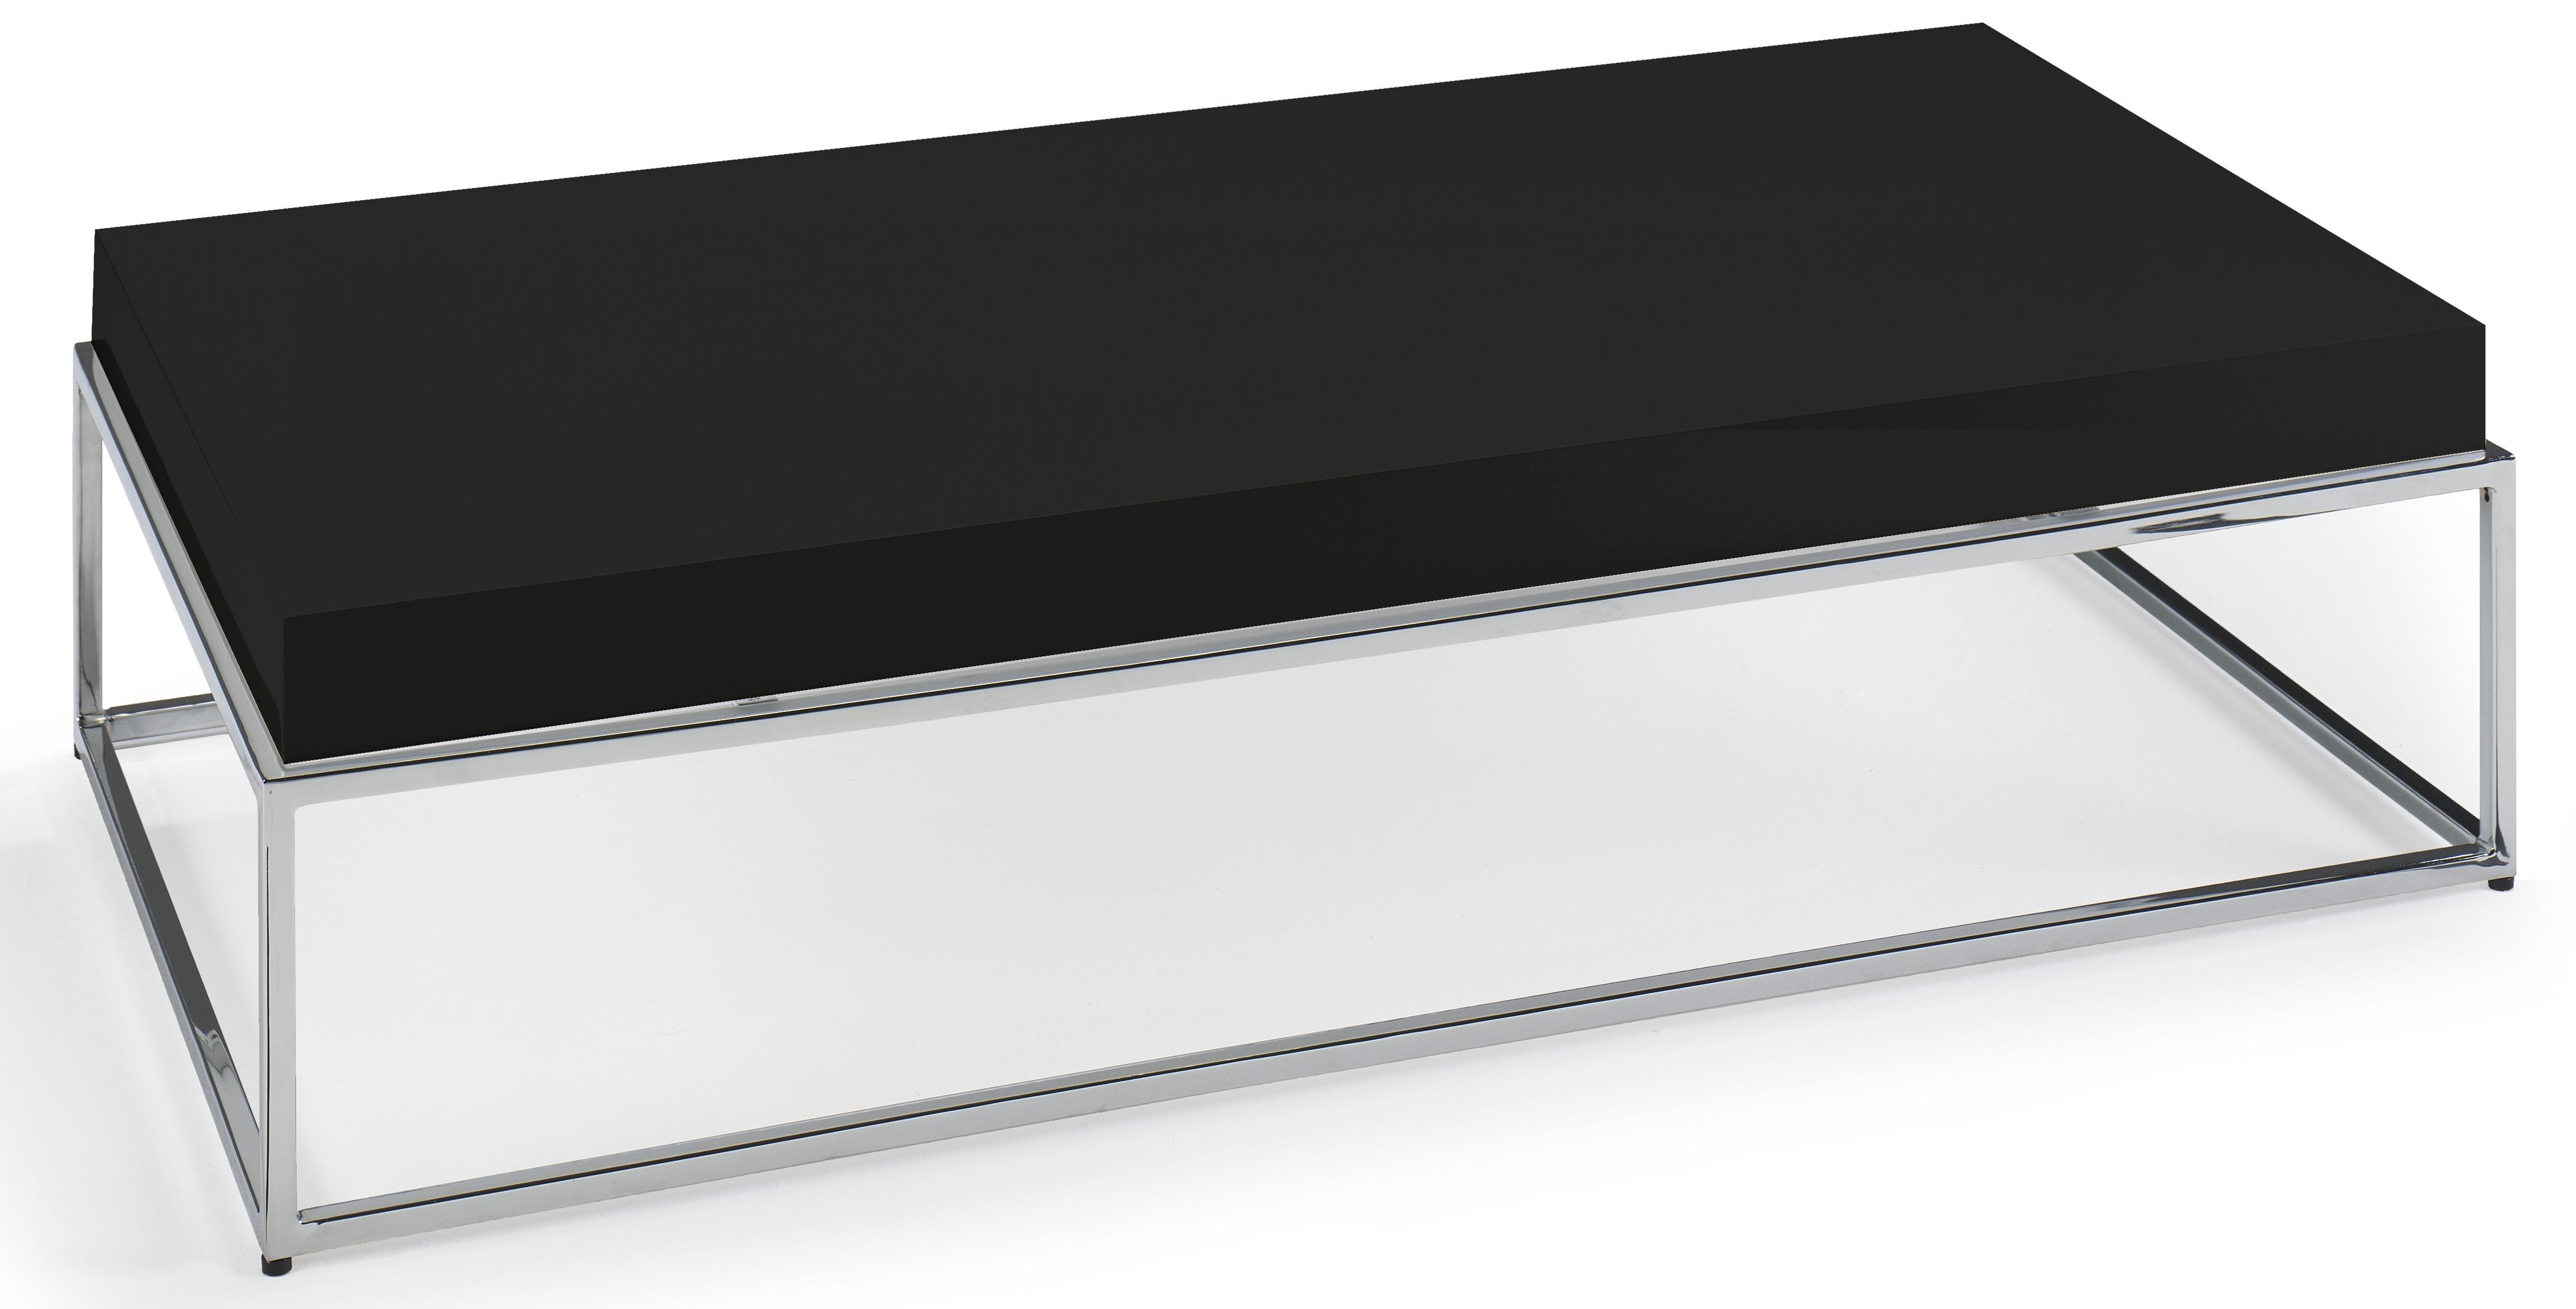 Table basse rectangulaire laqu e noir et acier inoxydable - Table basse acier noir ...